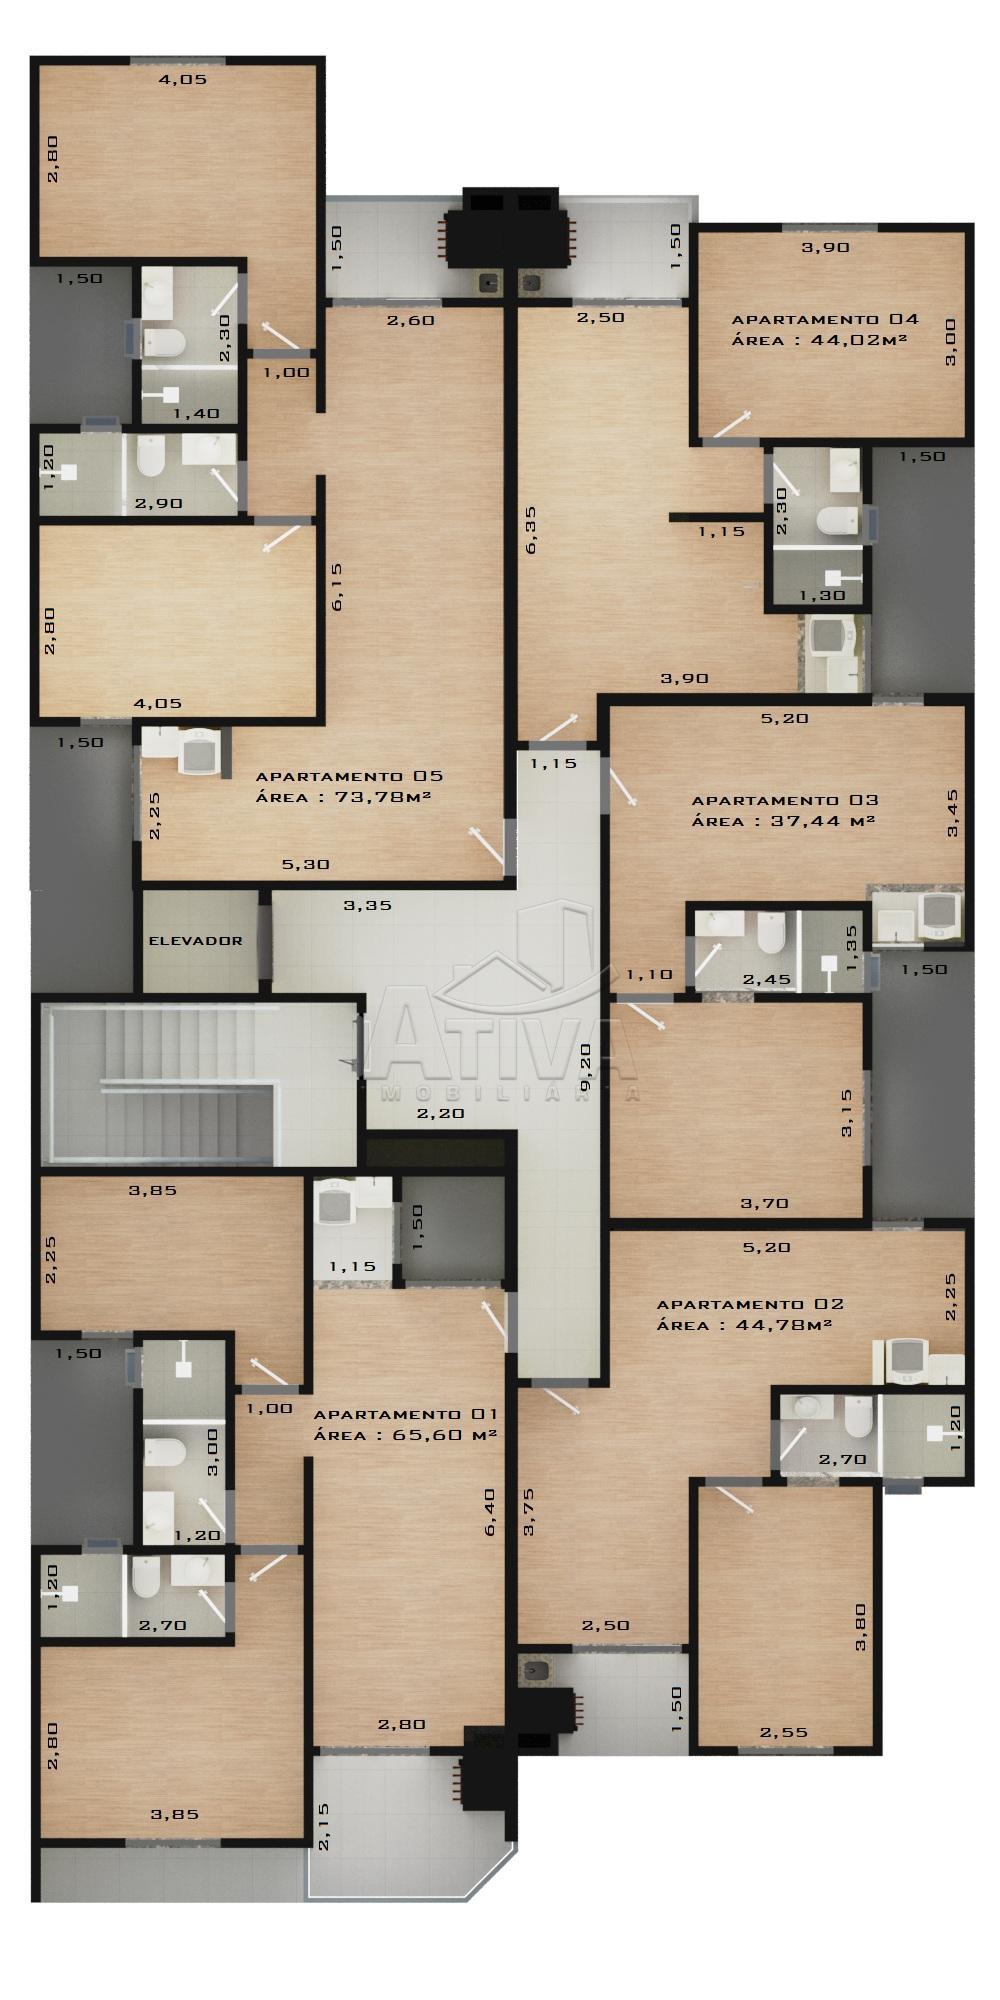 Comprar Apartamento / Padrão em Toledo apenas R$ 197.610,00 - Foto 6